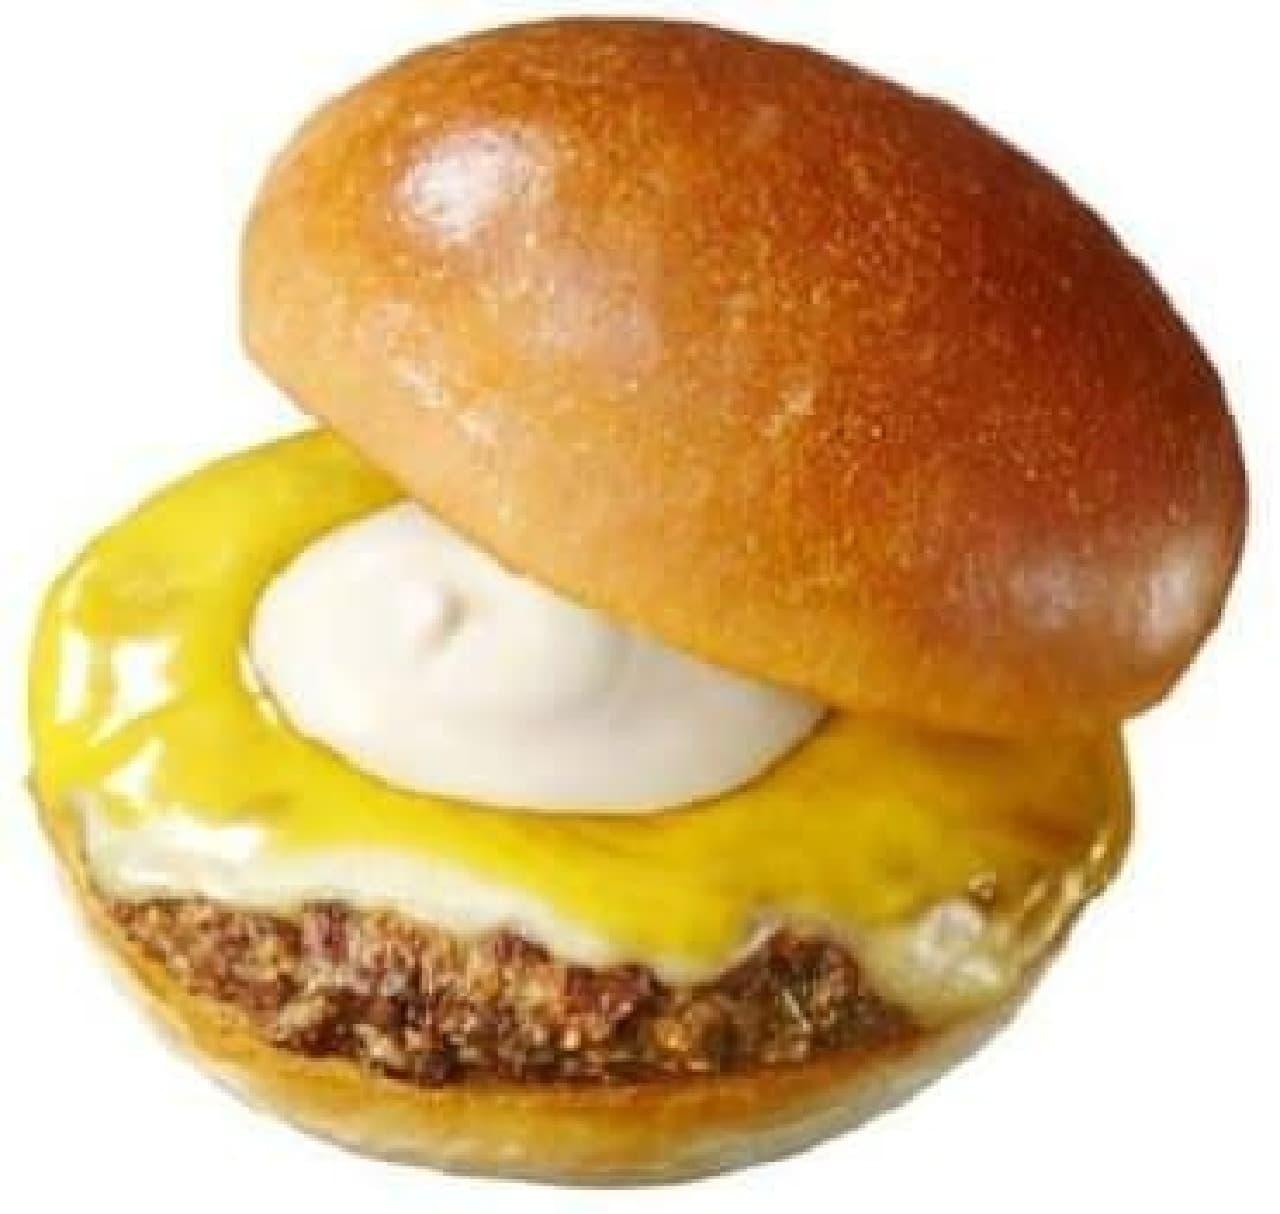 冬にぴったり!チーズがクリーミーな『絶品』バーガー